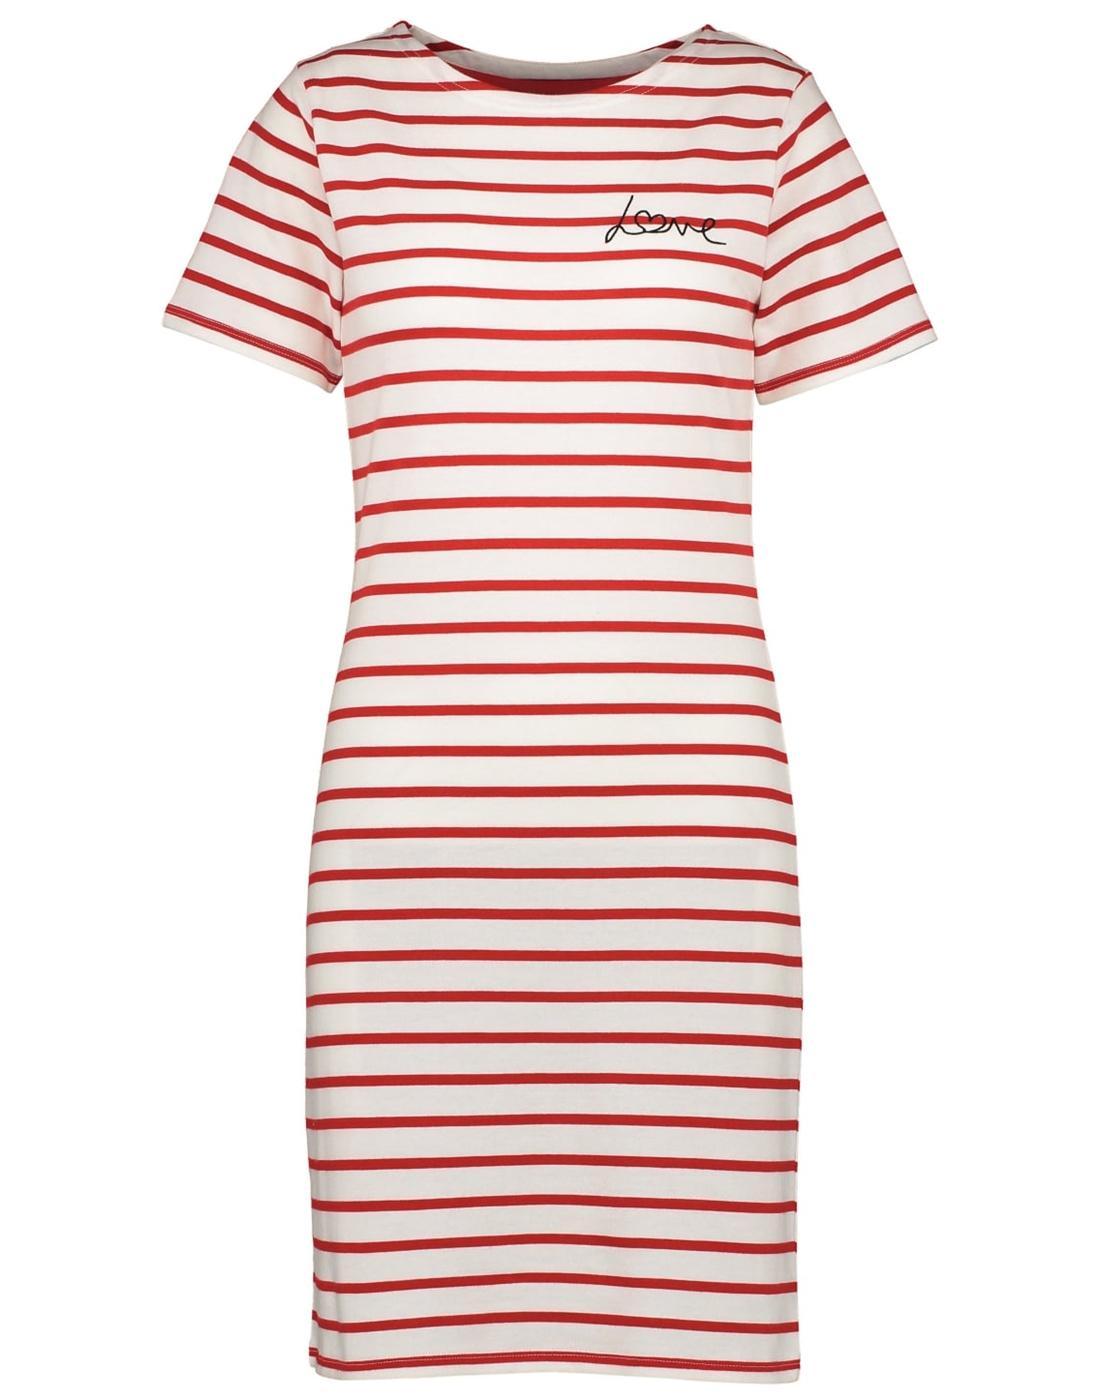 Brighton Love SUGARHILL BOUTIQUE Retro 60s Dress